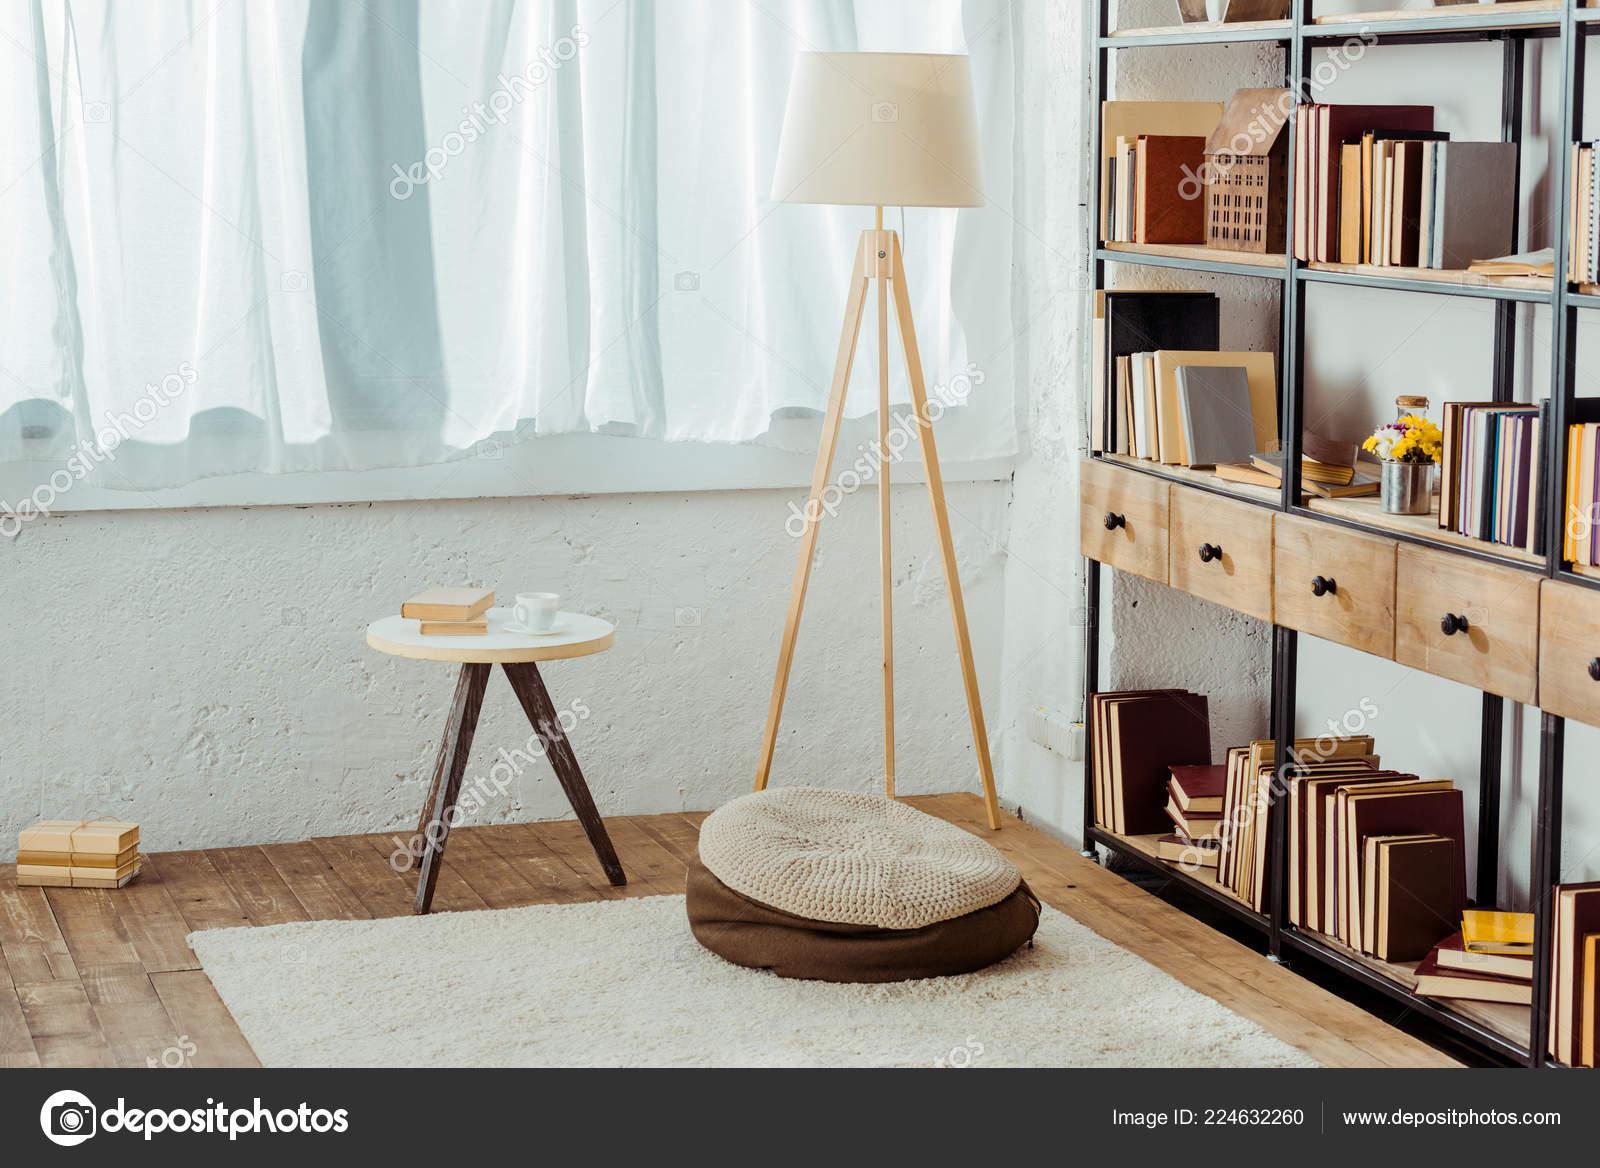 Woonkamer Houten Meubels : Interieur van een woonkamer met houten meubels boeken u stockfoto